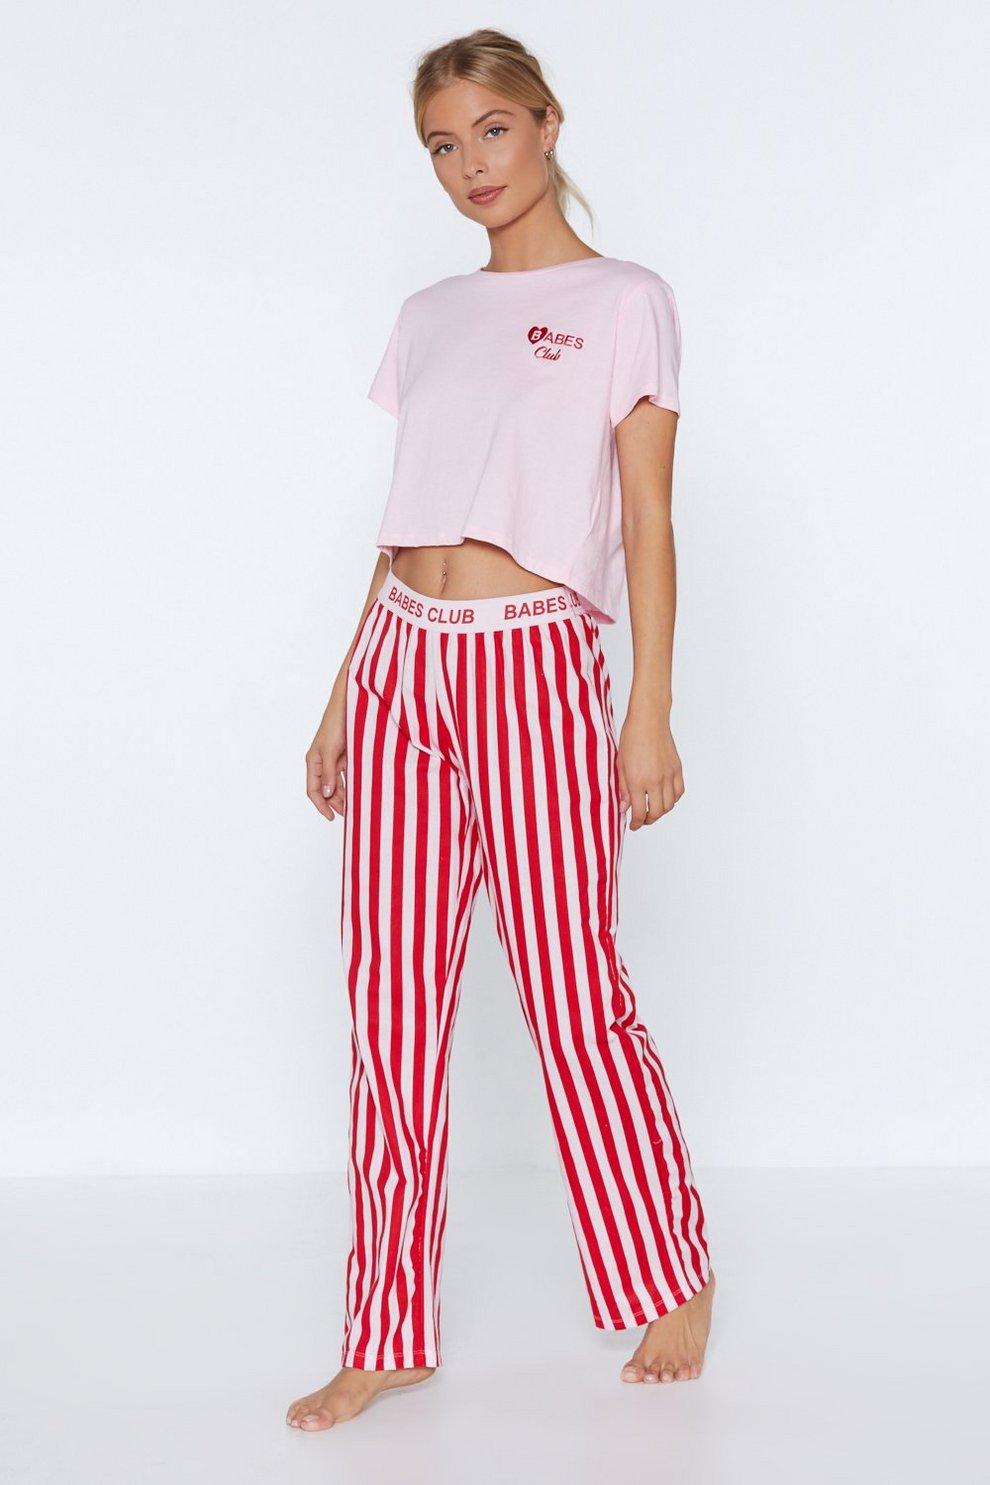 6604148e96 Babes Club Crop Top and Pants Pajama Set